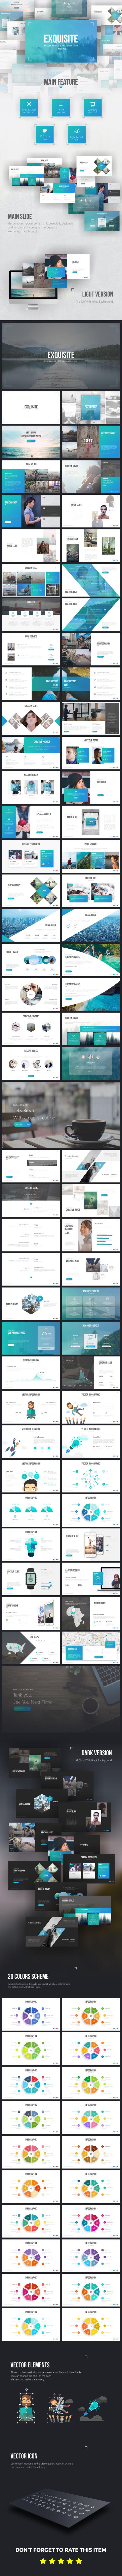 Exquisite -Multipurpose PowerPoint Presentation Template